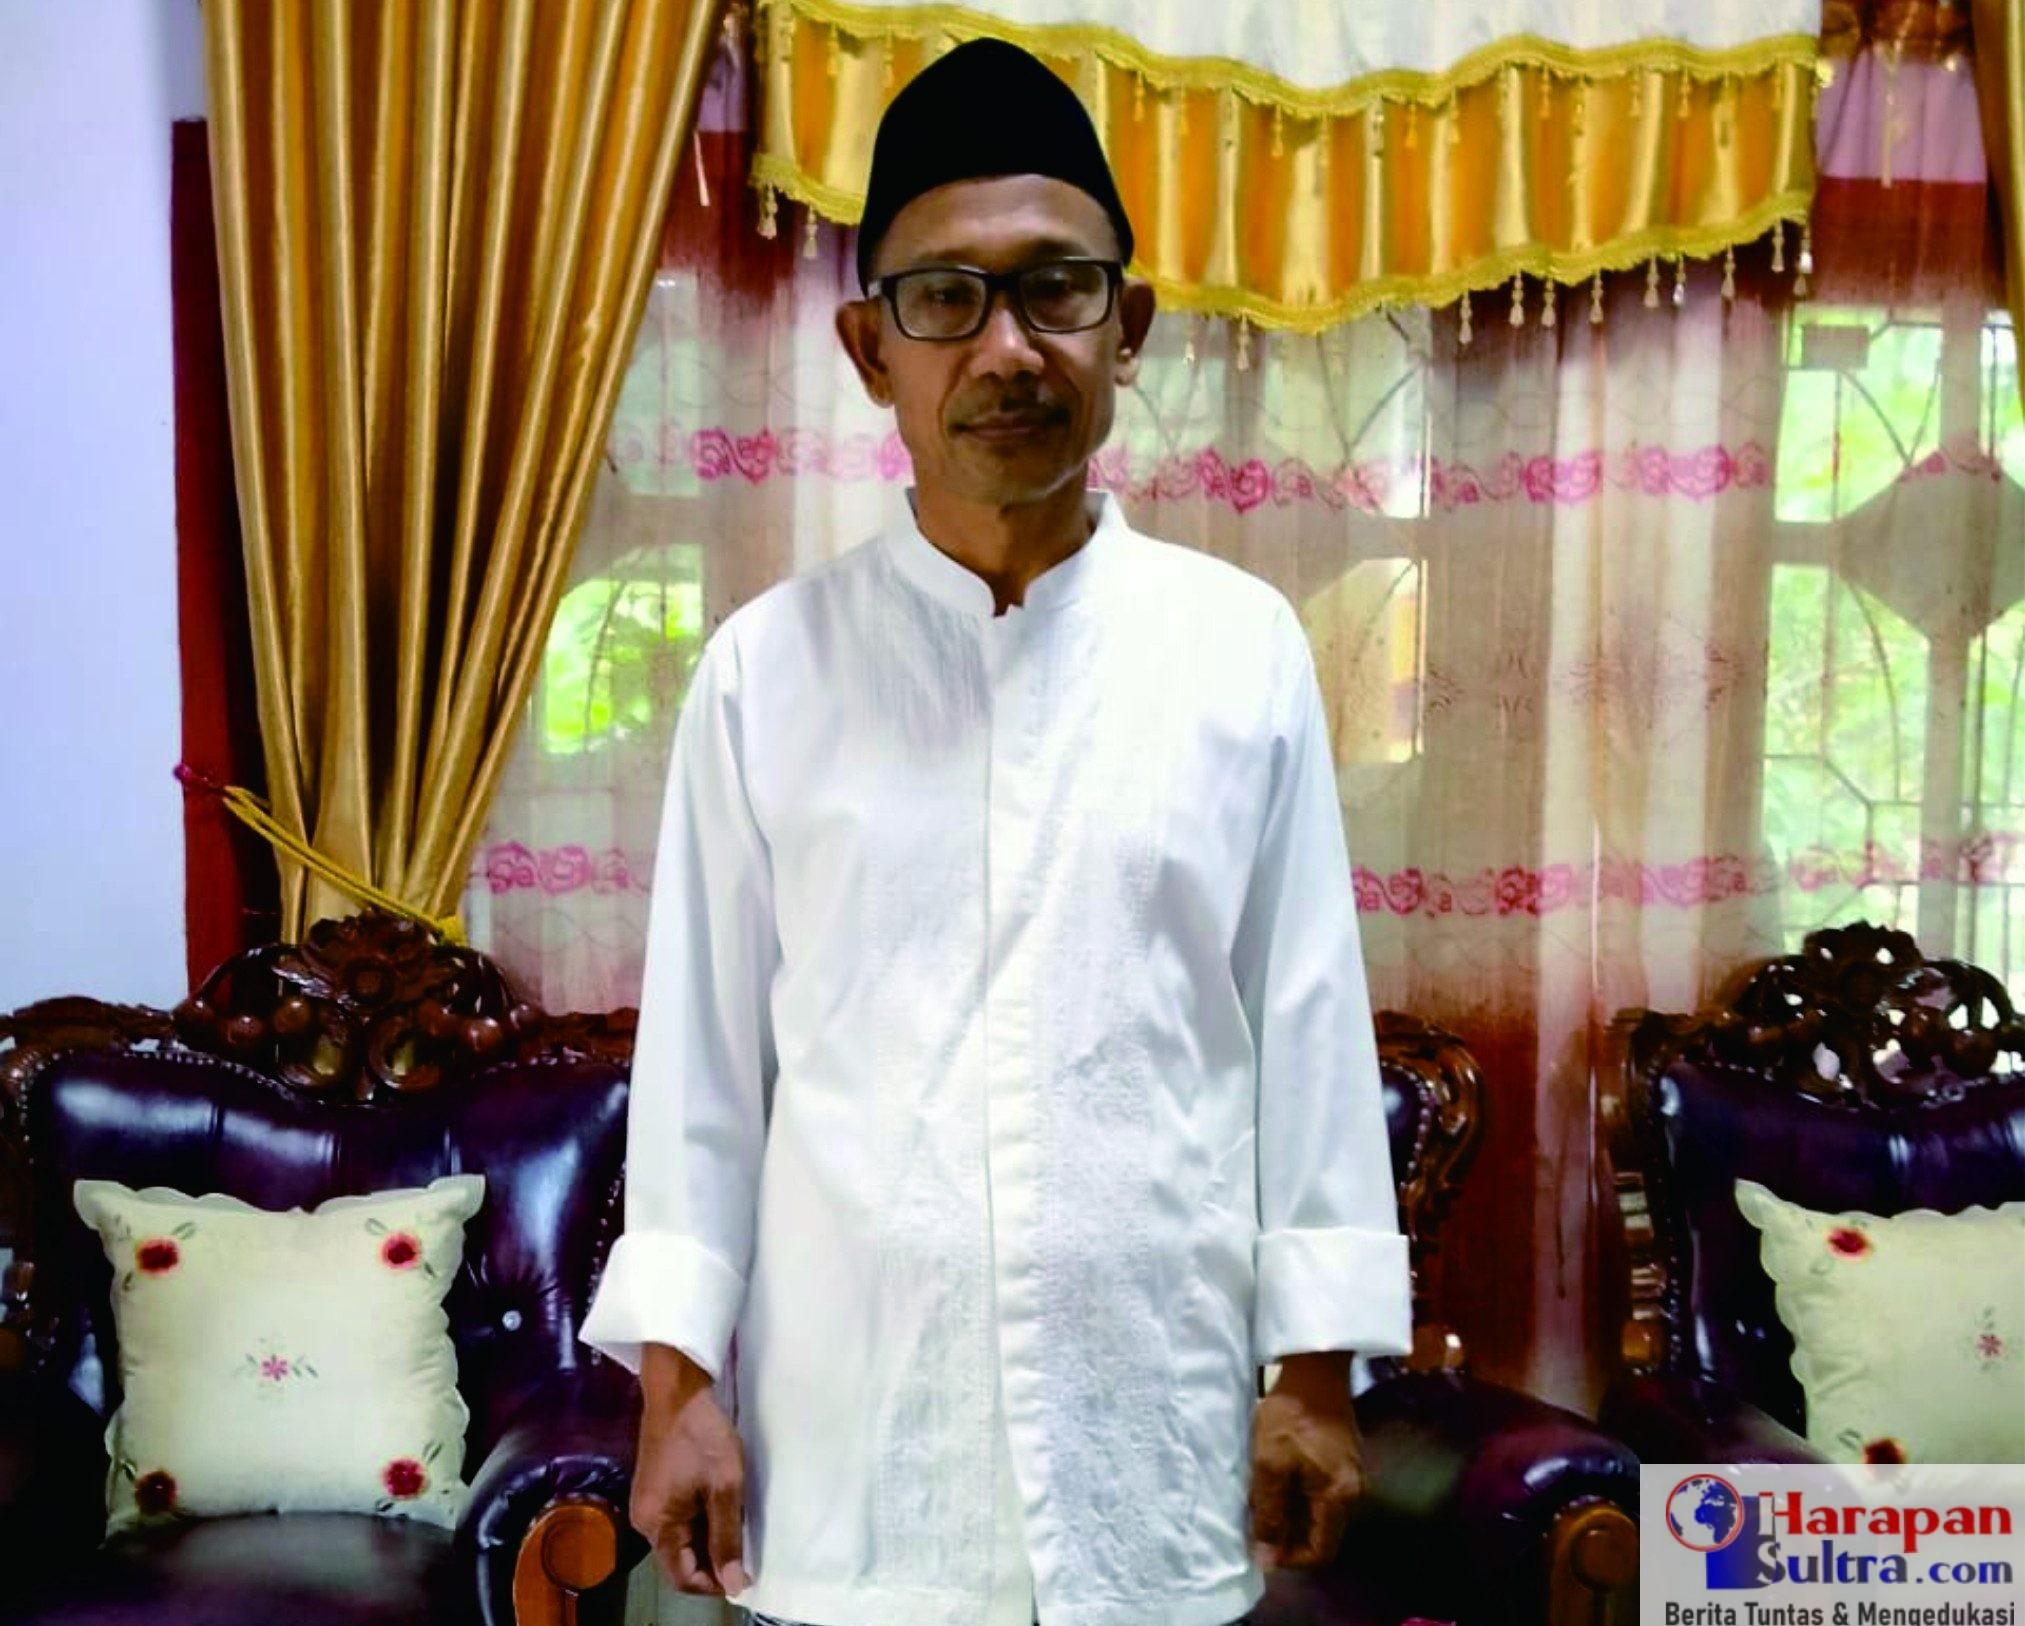 Kepala Dinas Pendidikan dan Kebudayaan Kabupaten Buton Selatan, Drs. La Makiki, M.Pd